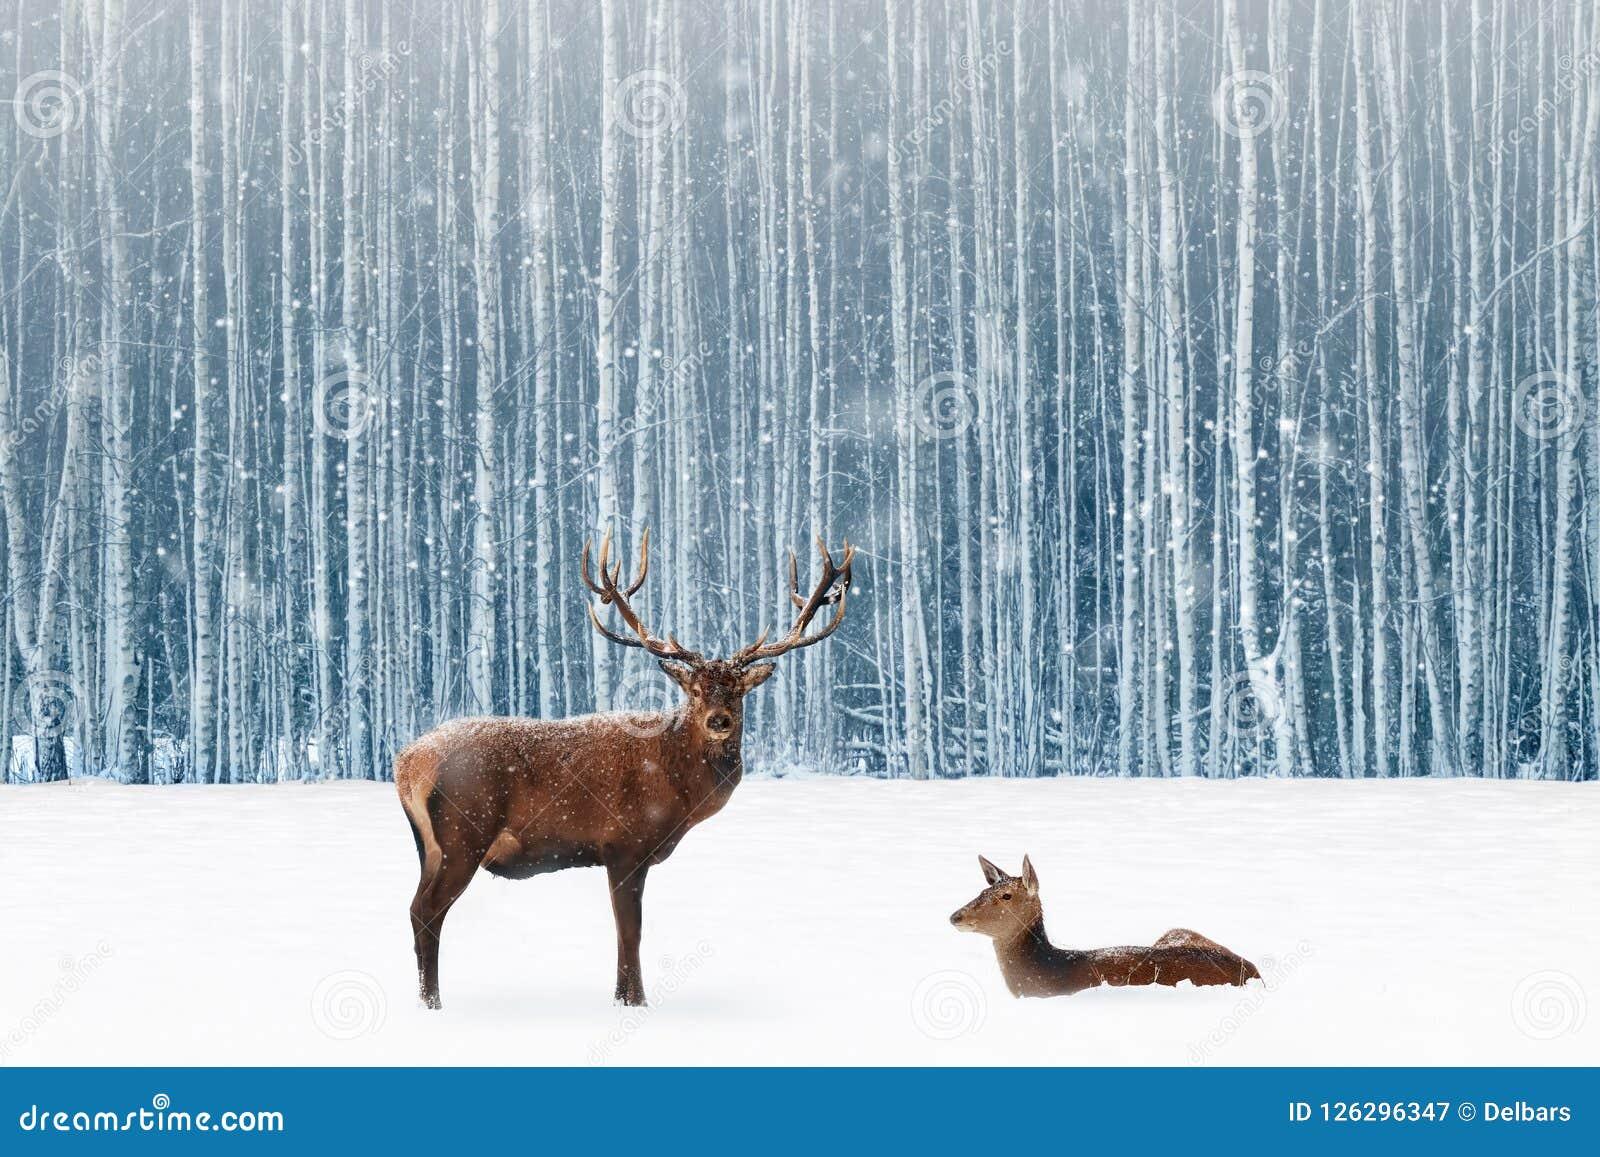 Família de cervos nobres em uma imagem nevado da fantasia do Natal da floresta do inverno na cor azul e branca nevar